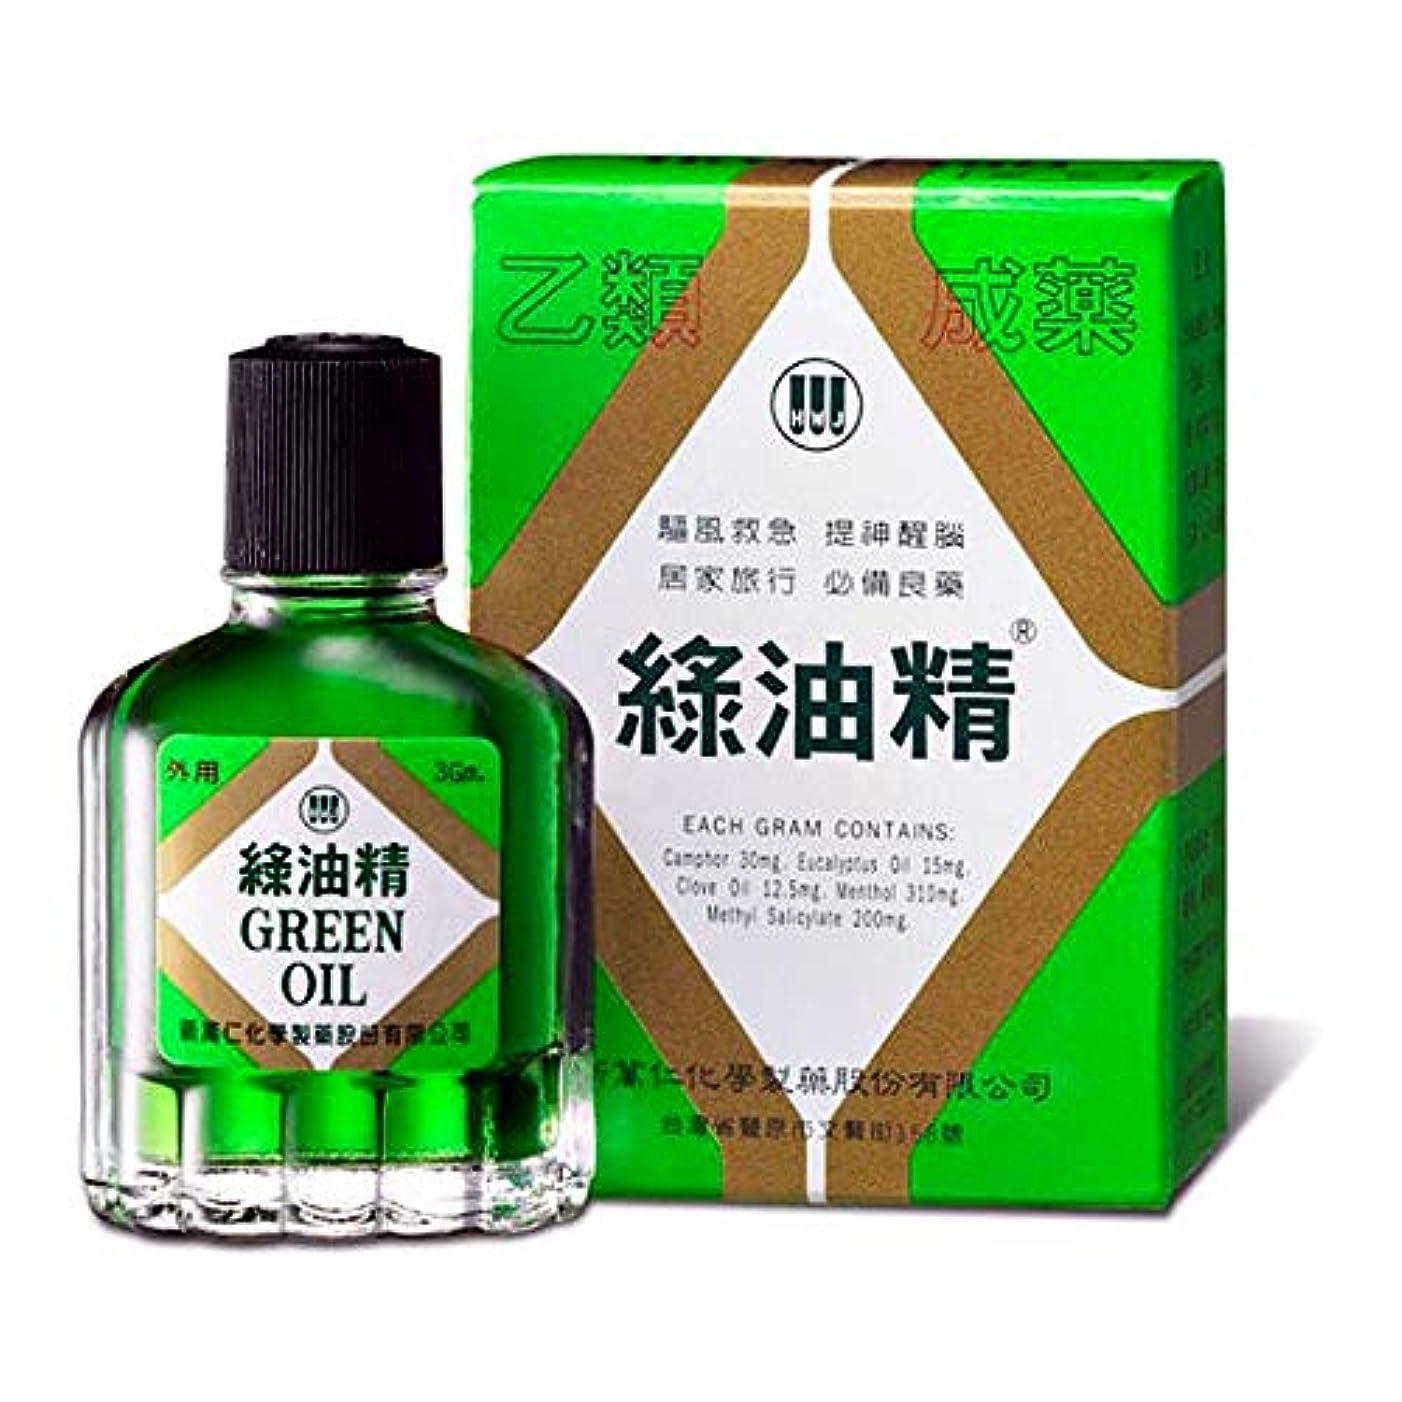 セーブ集中的な確率《新萬仁》台湾の万能グリーンオイル 緑油精 3g 《台湾 お土産》 [並行輸入品]